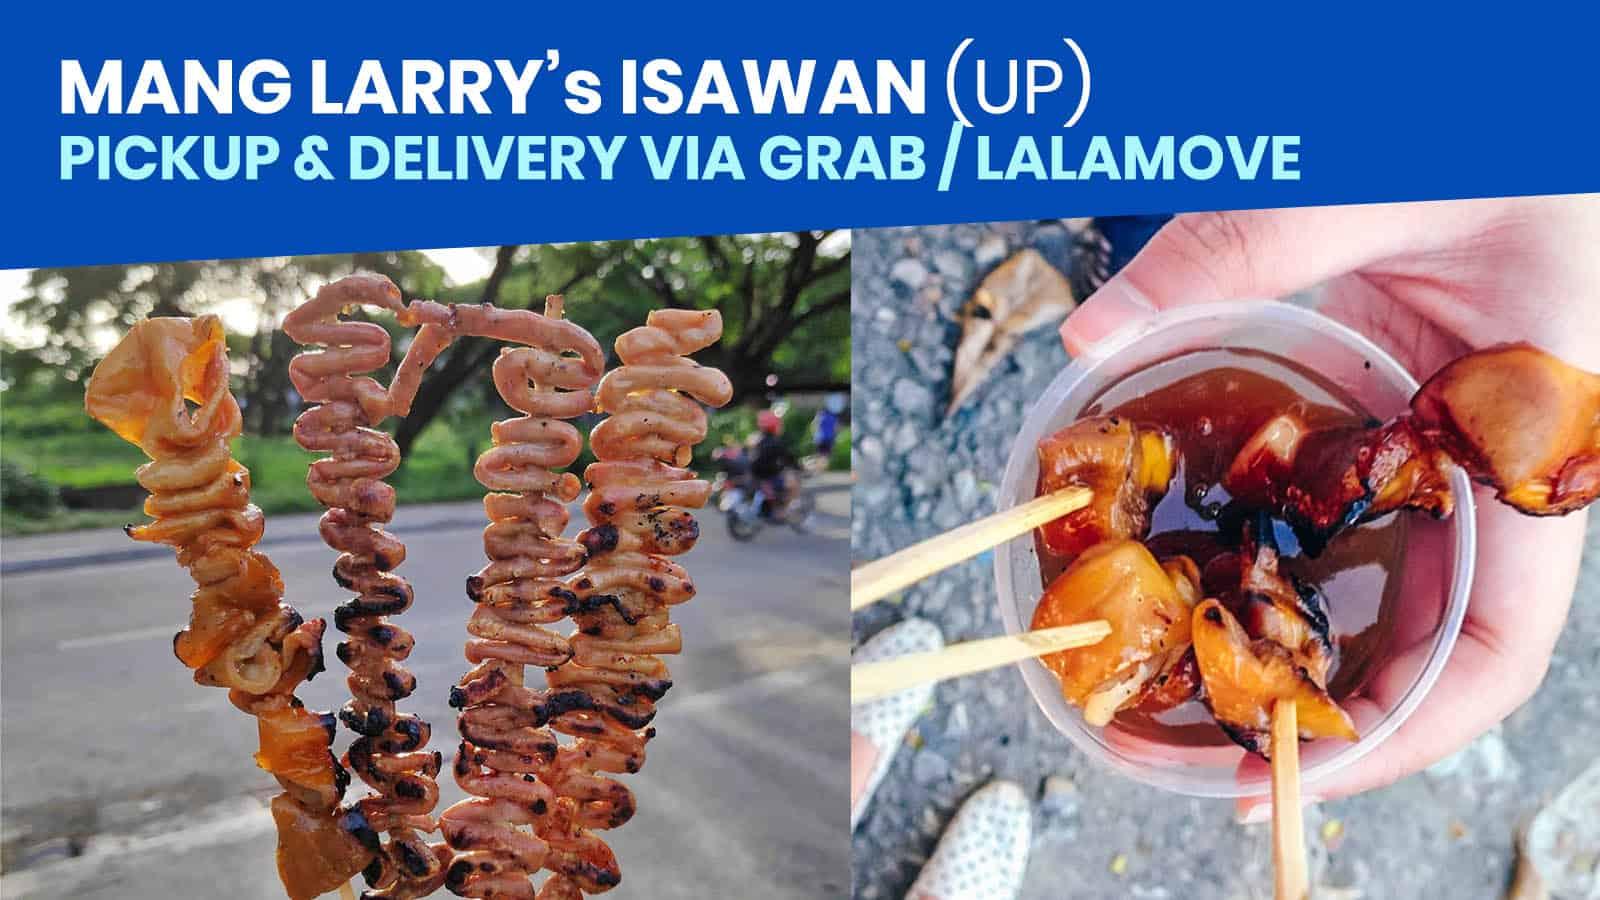 MANG LARRY's ISAWAN: Pickup & Delivery via Grab / LalaMove